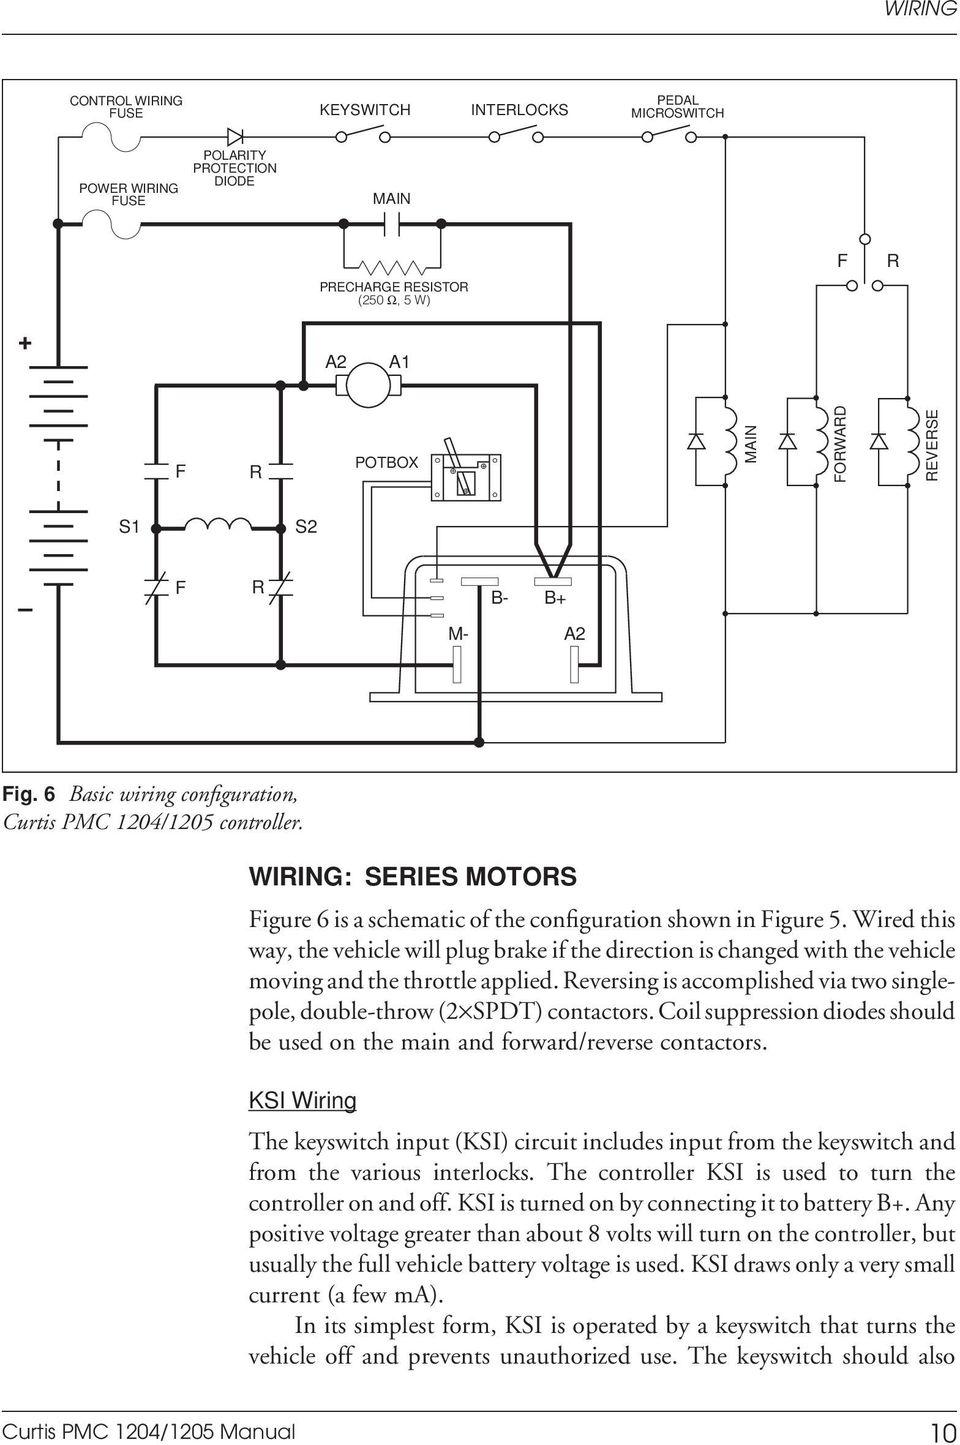 Automotive Wiring Diagram Database